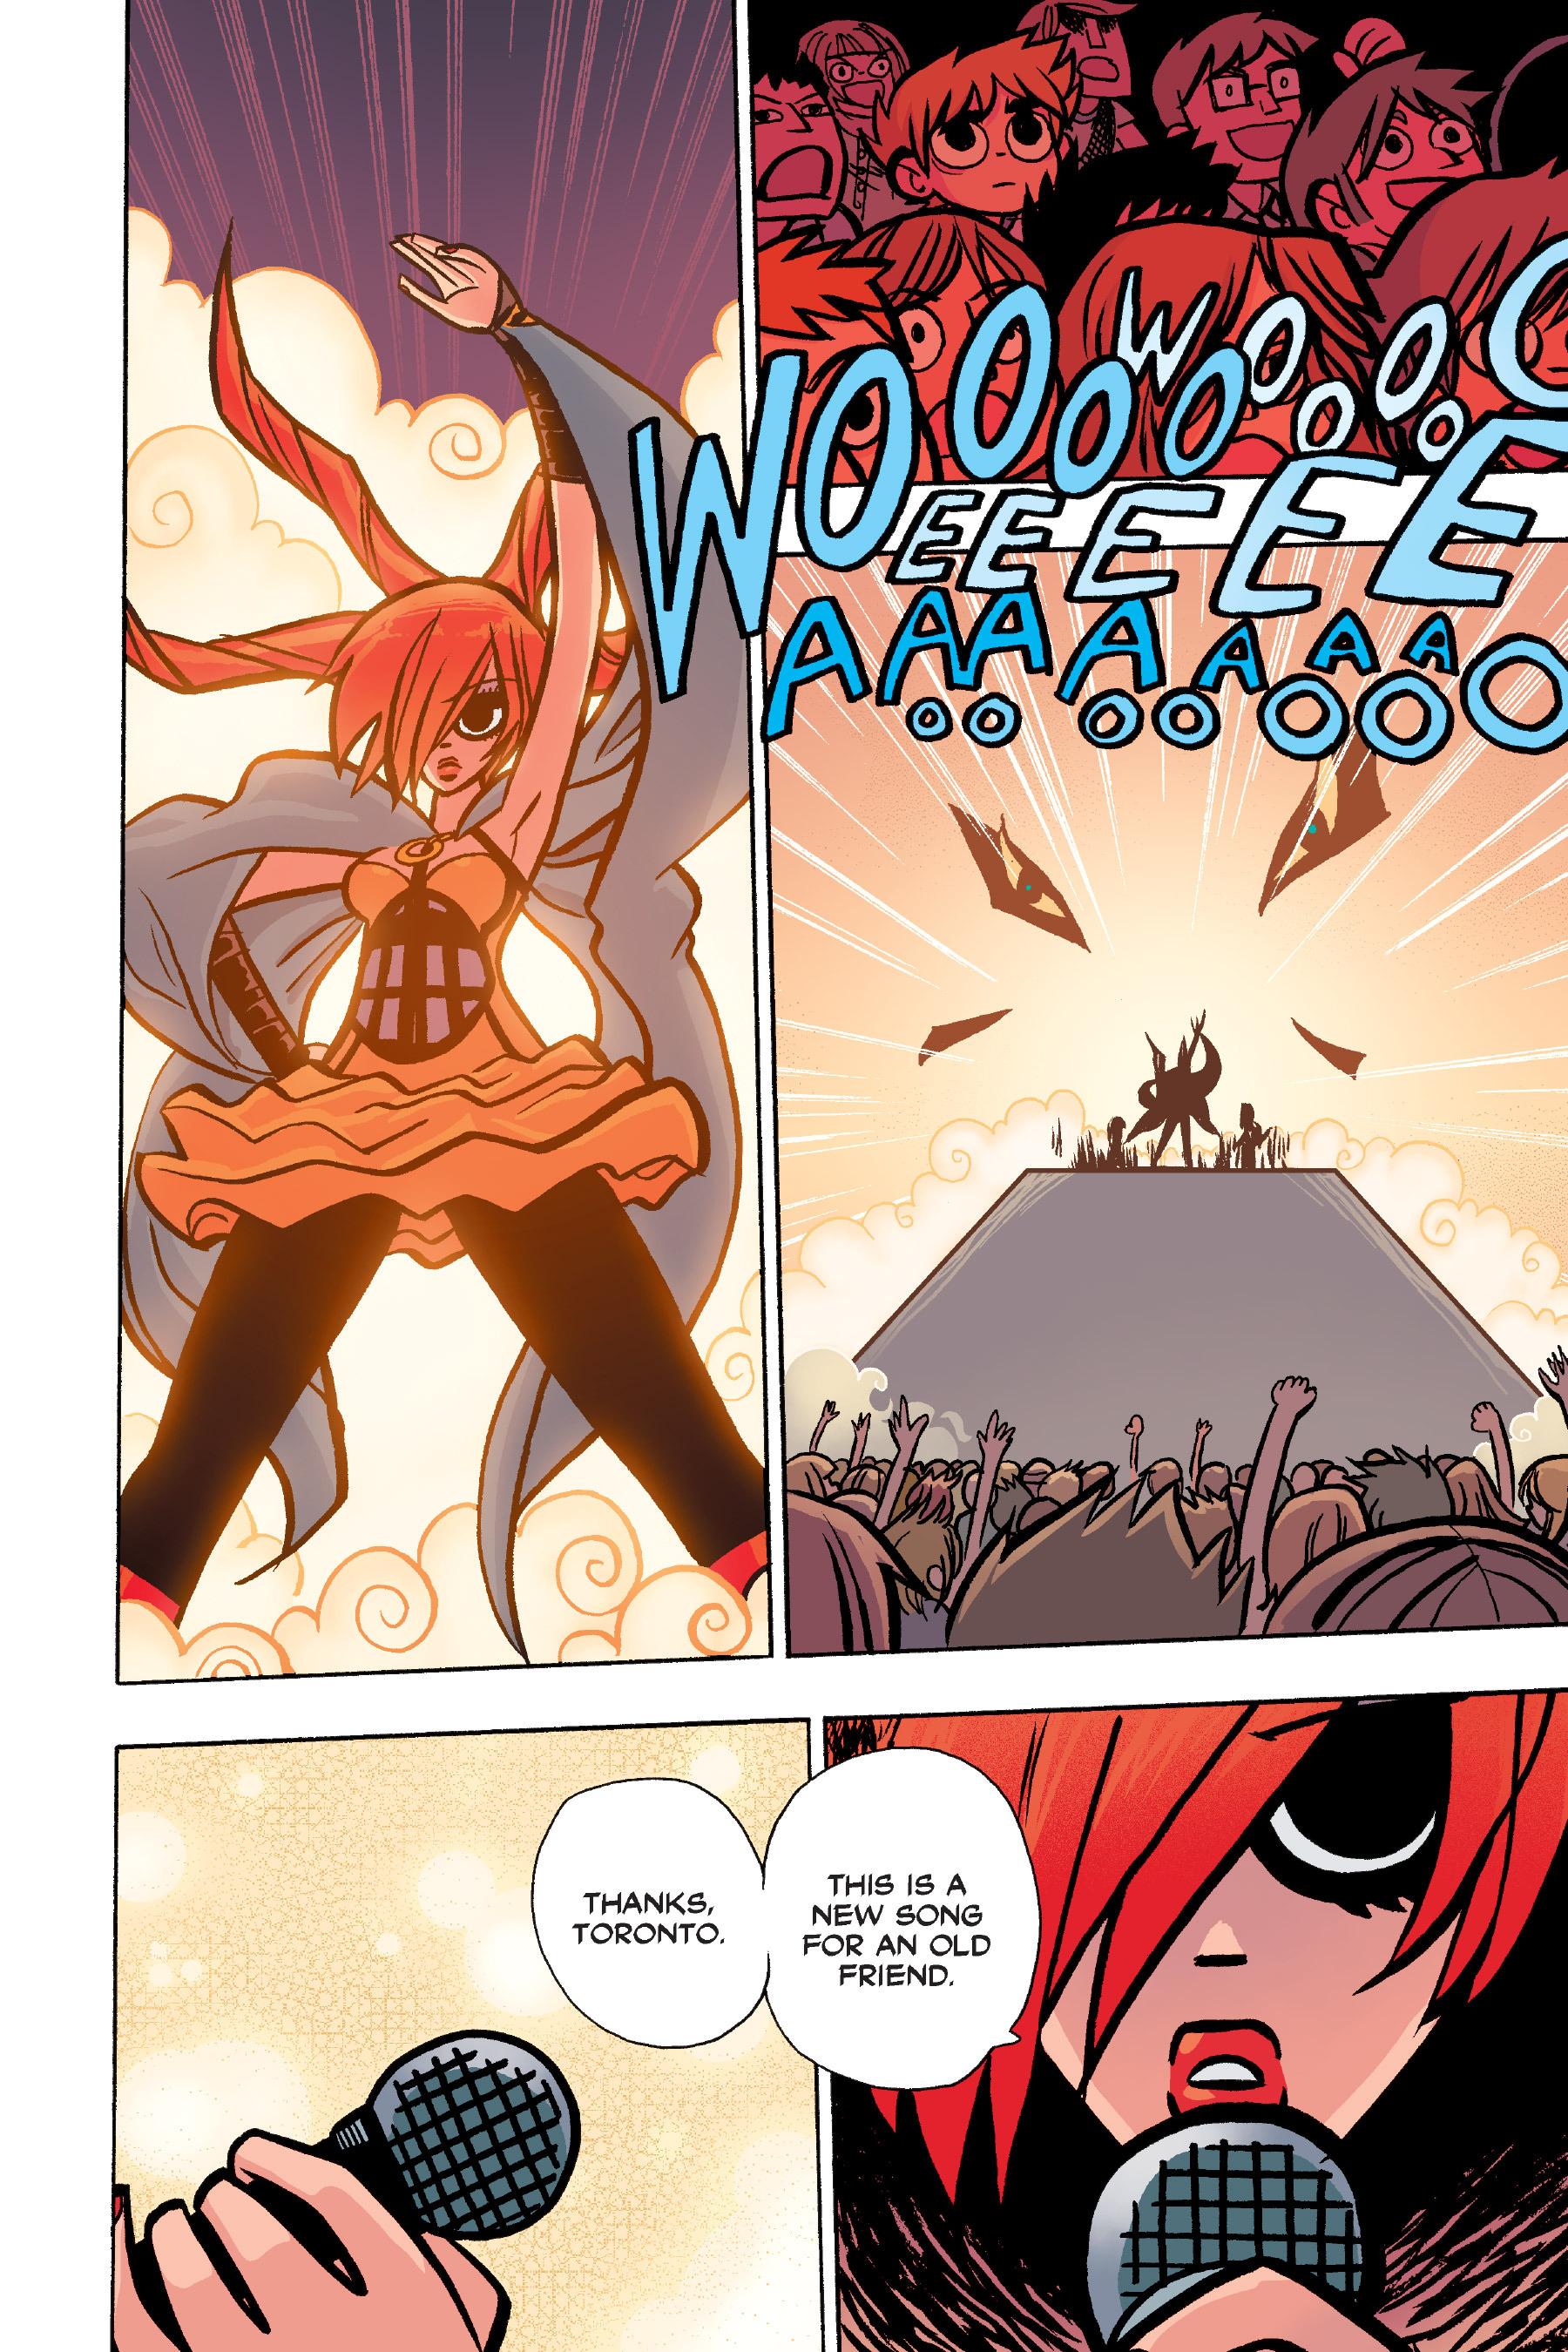 Read online Scott Pilgrim comic -  Issue #6 - 113